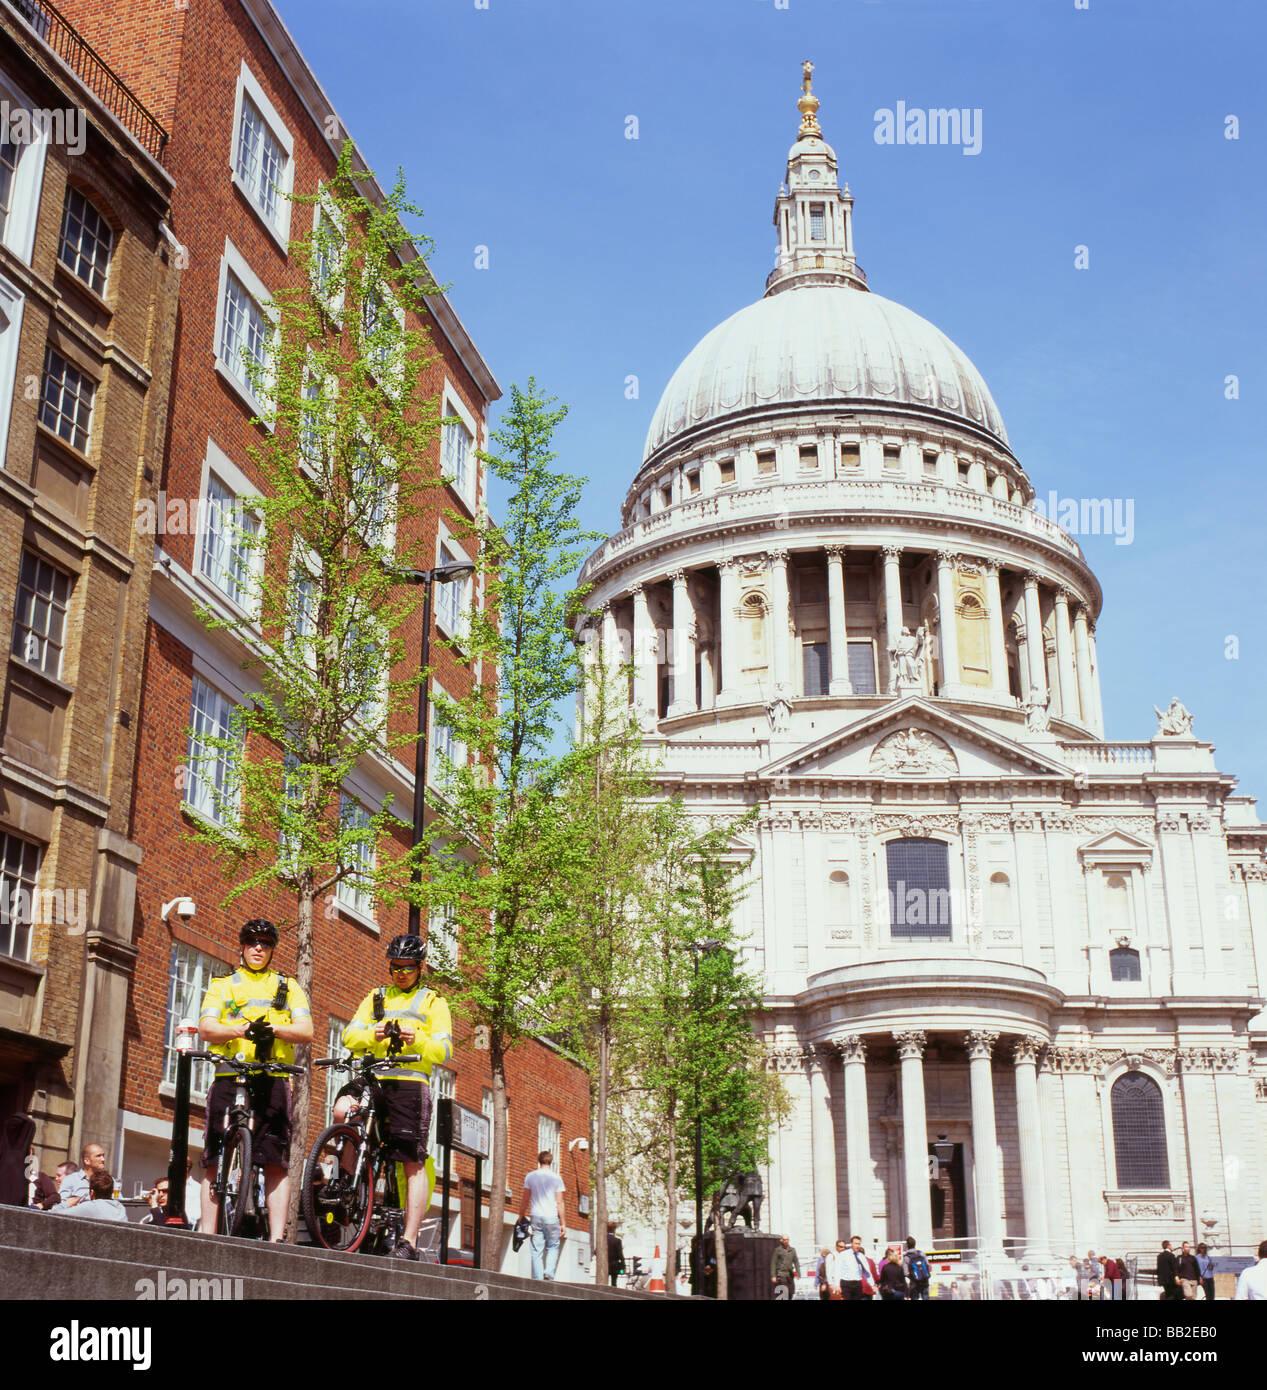 El apoyo de la comunidad policías en bicicleta cerca de la Catedral de San Pablo, Londres, Inglaterra 2009 Foto de stock